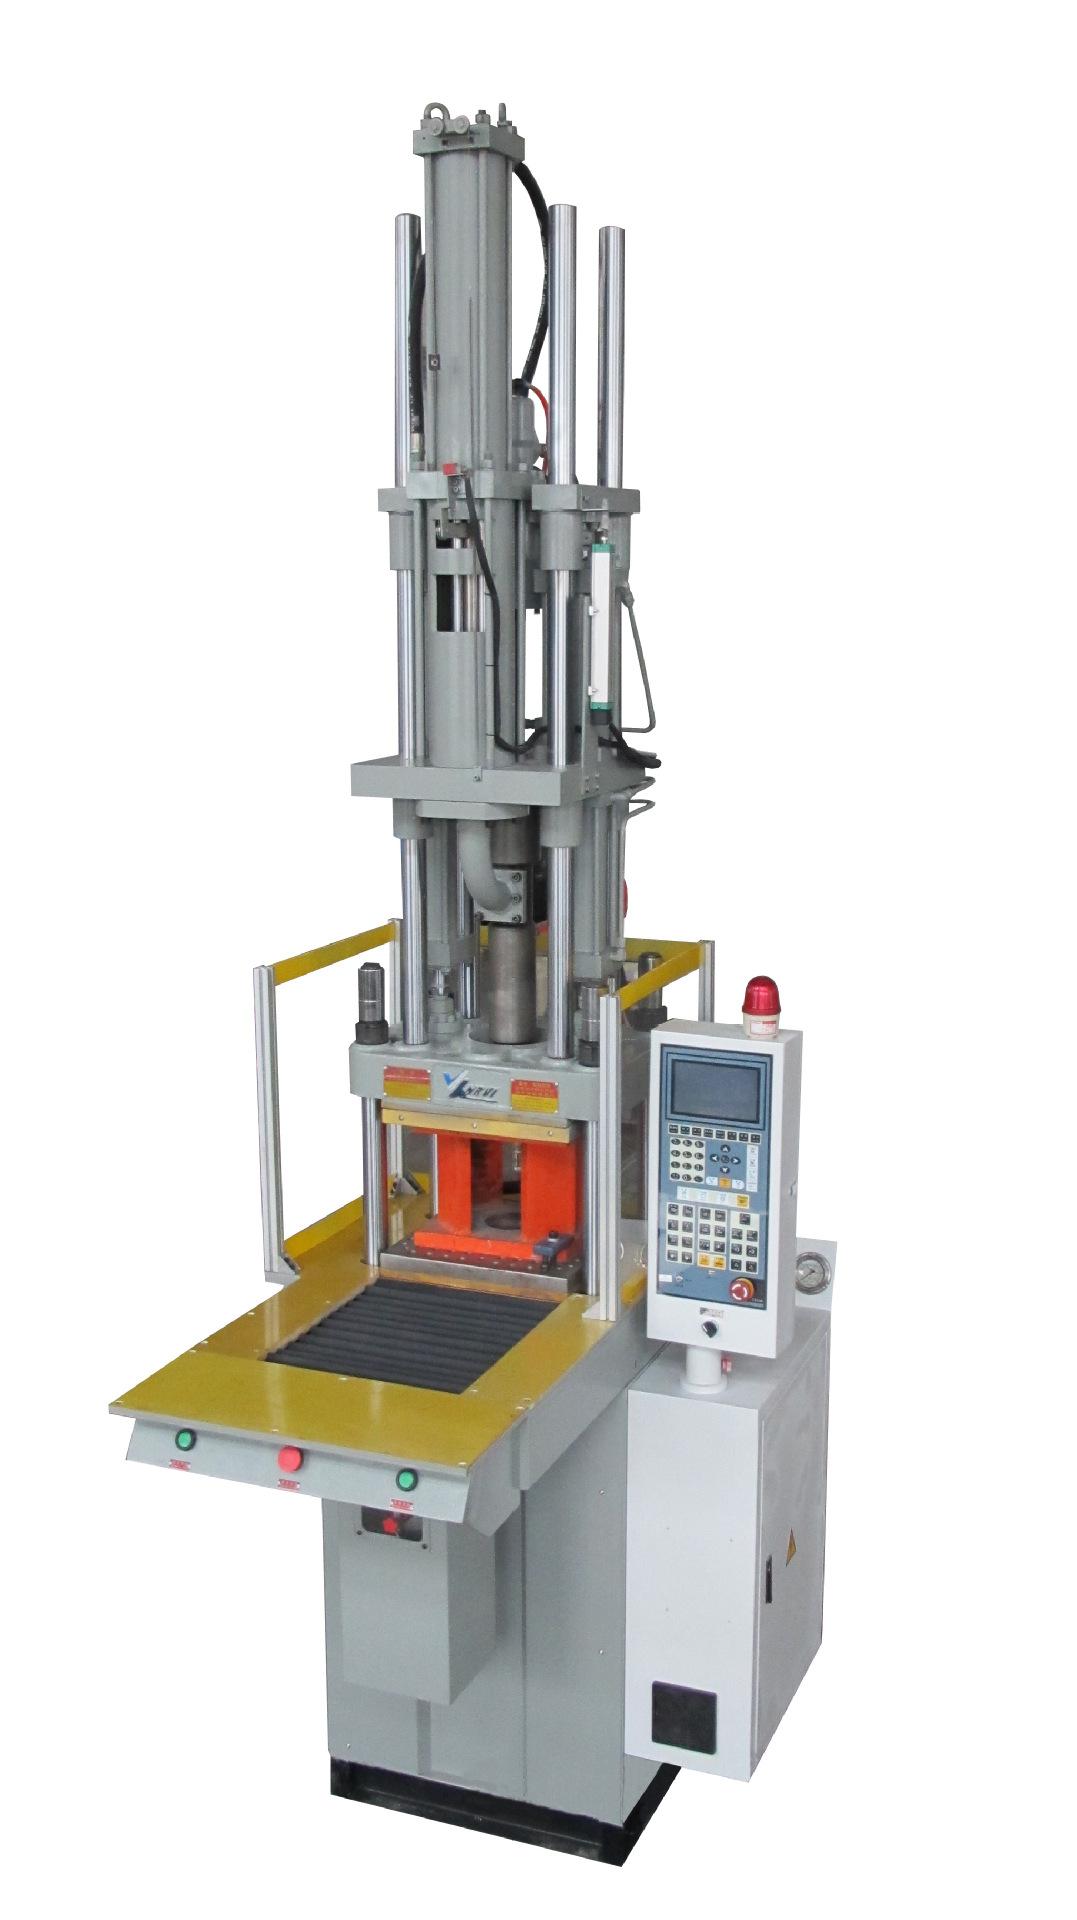 储液干燥器(积累器)的结构和作用